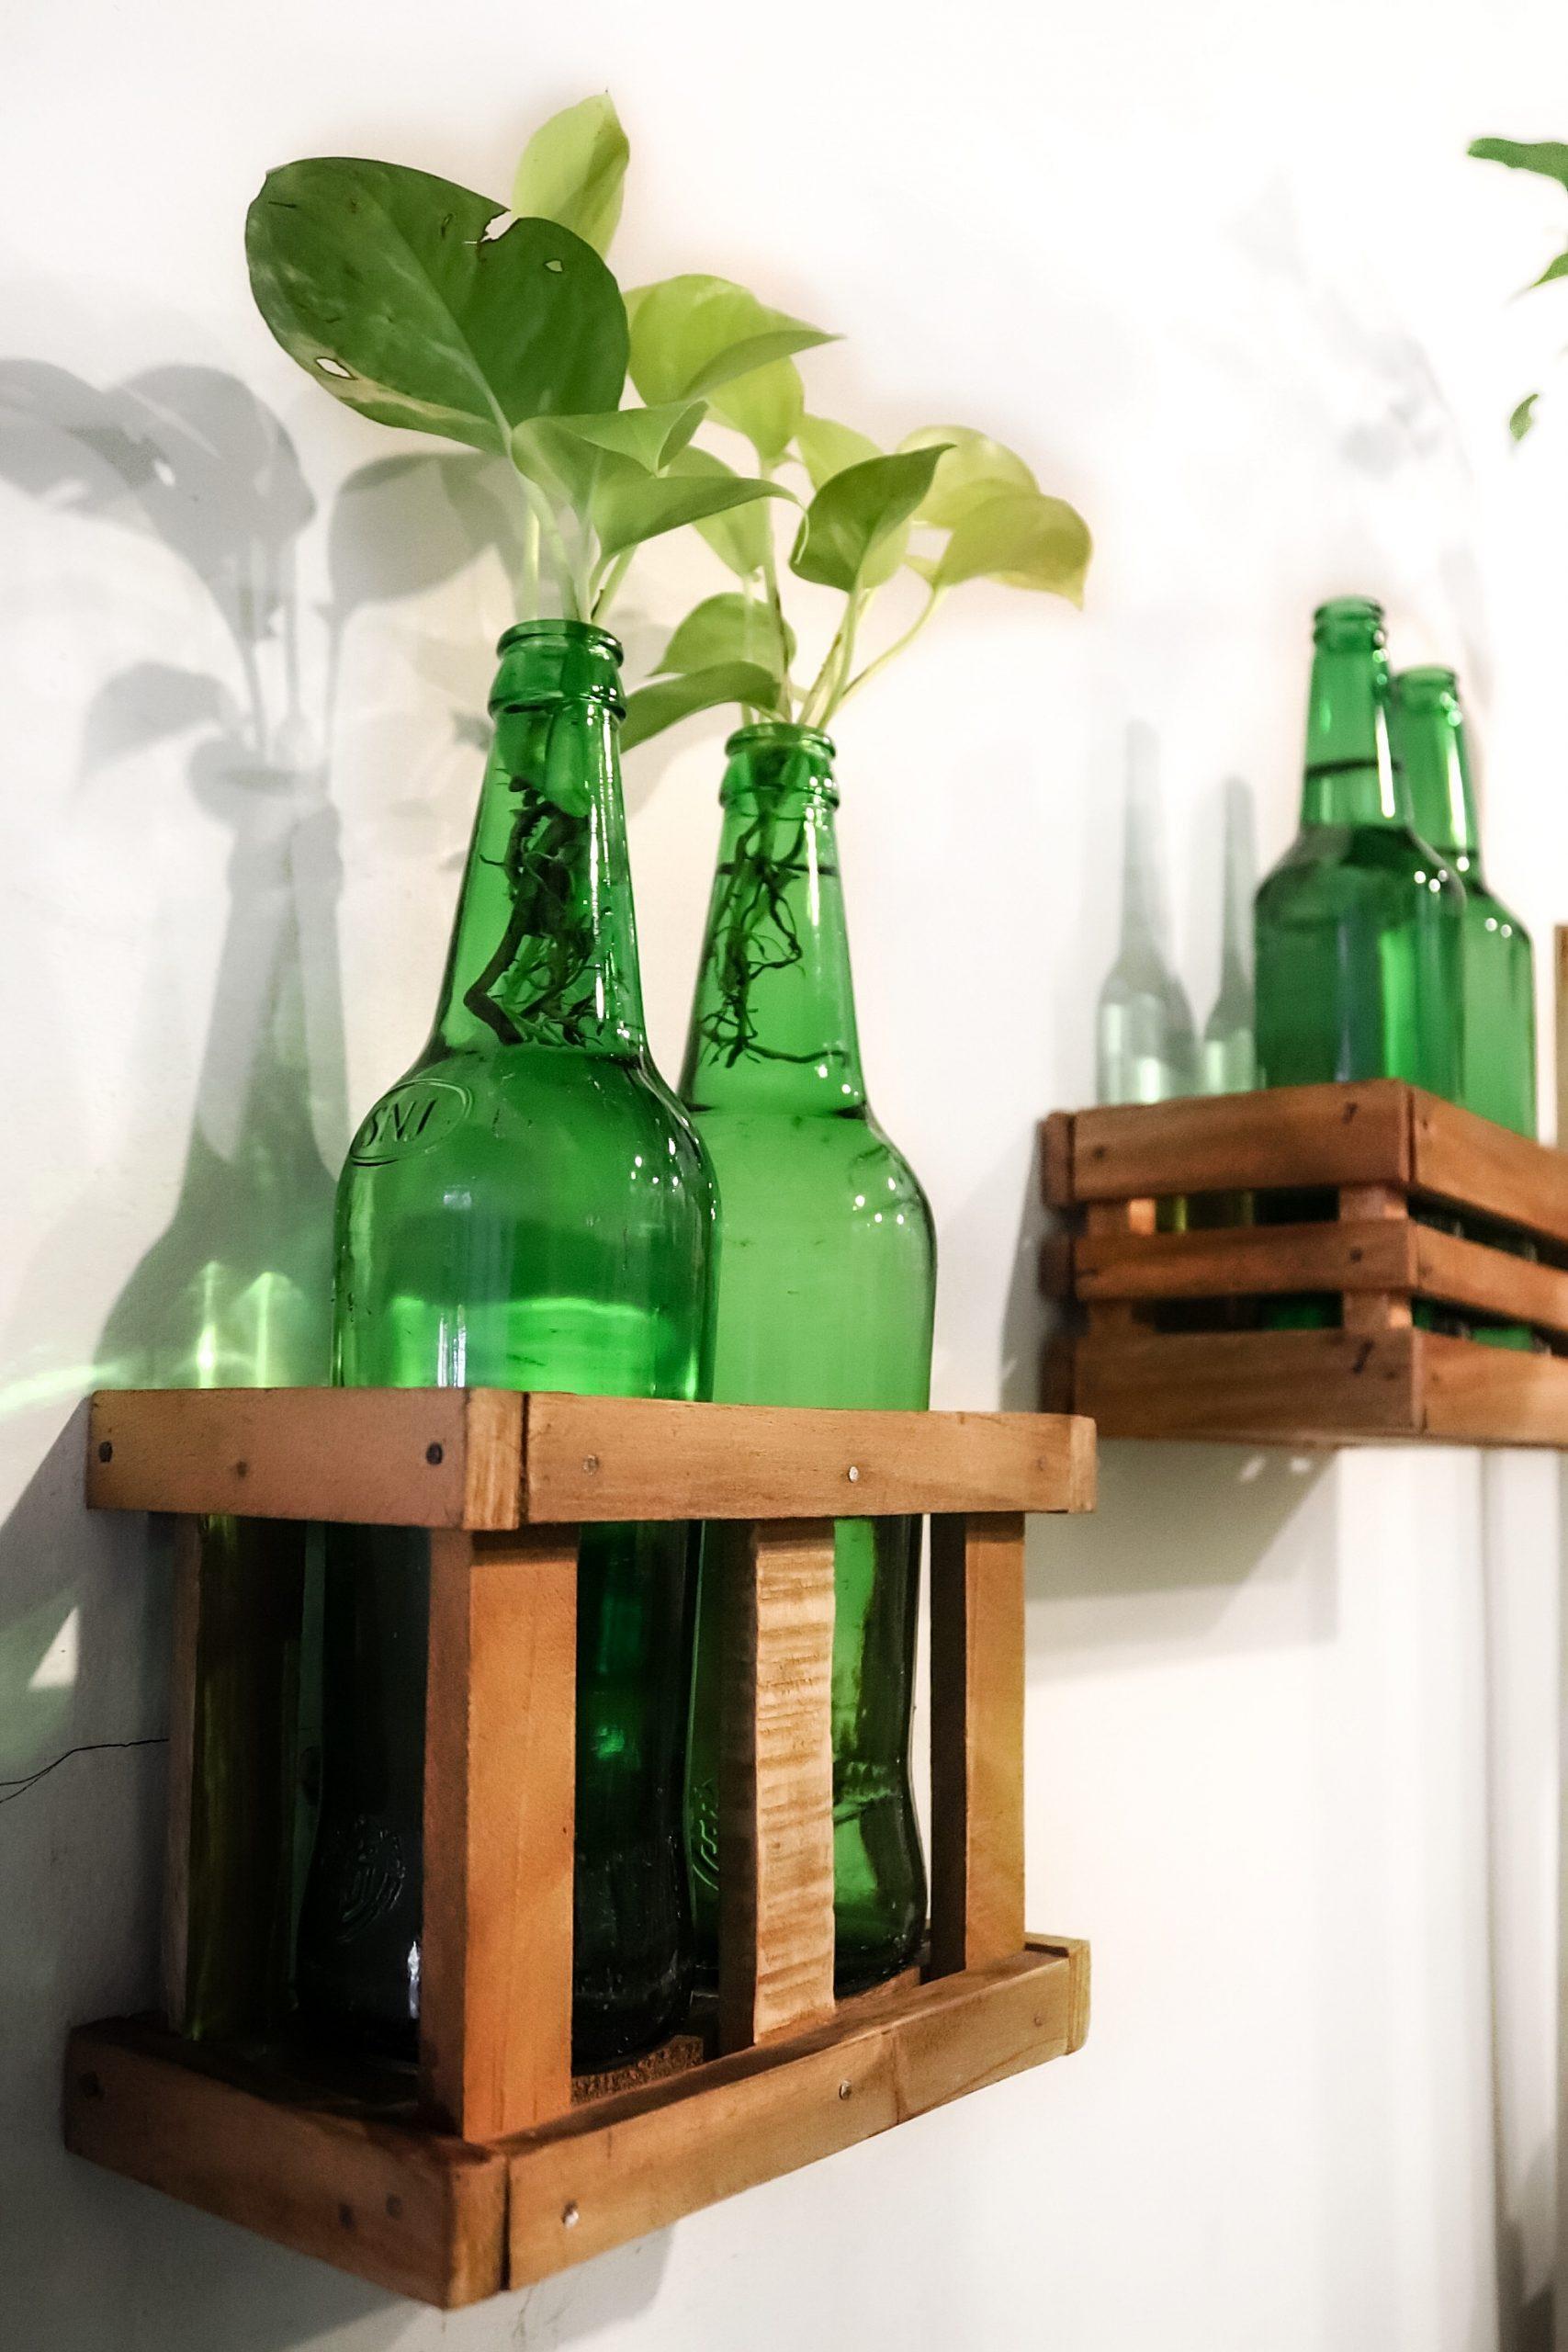 plants in a bottle